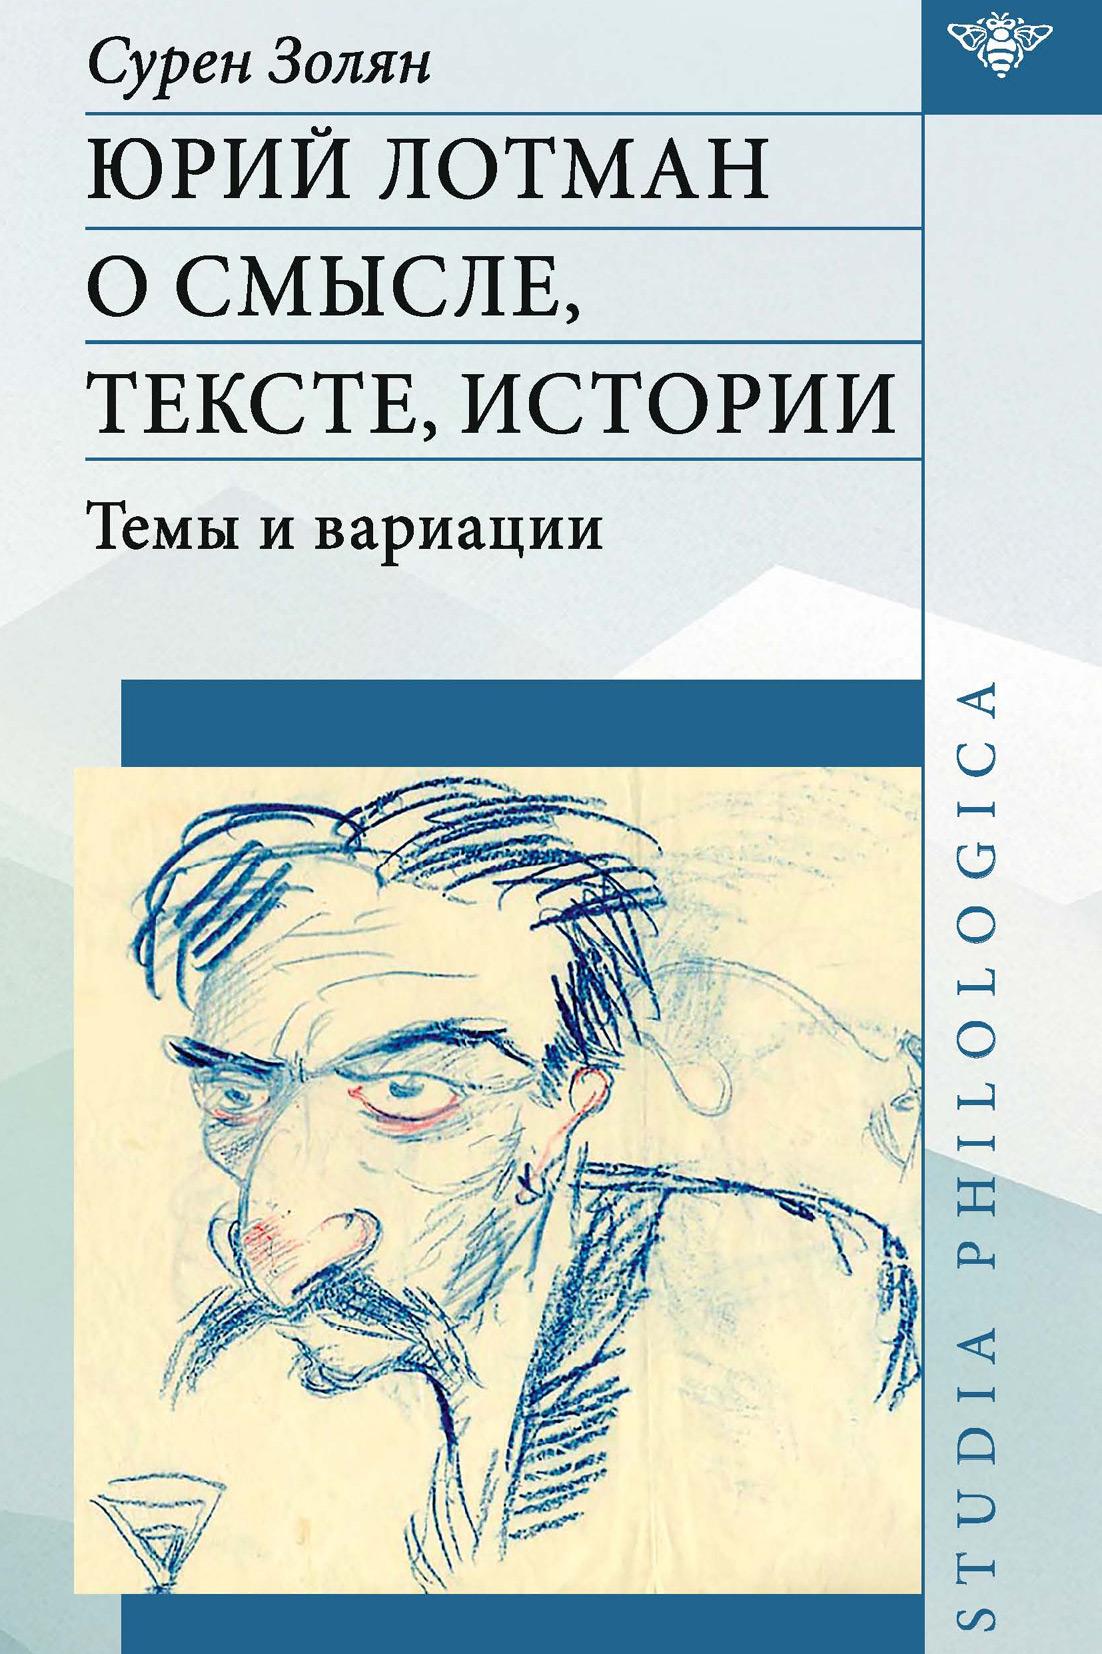 С. Т. Золян Юрий Лотман: О смысле, тексте, истории. Темы и вариации